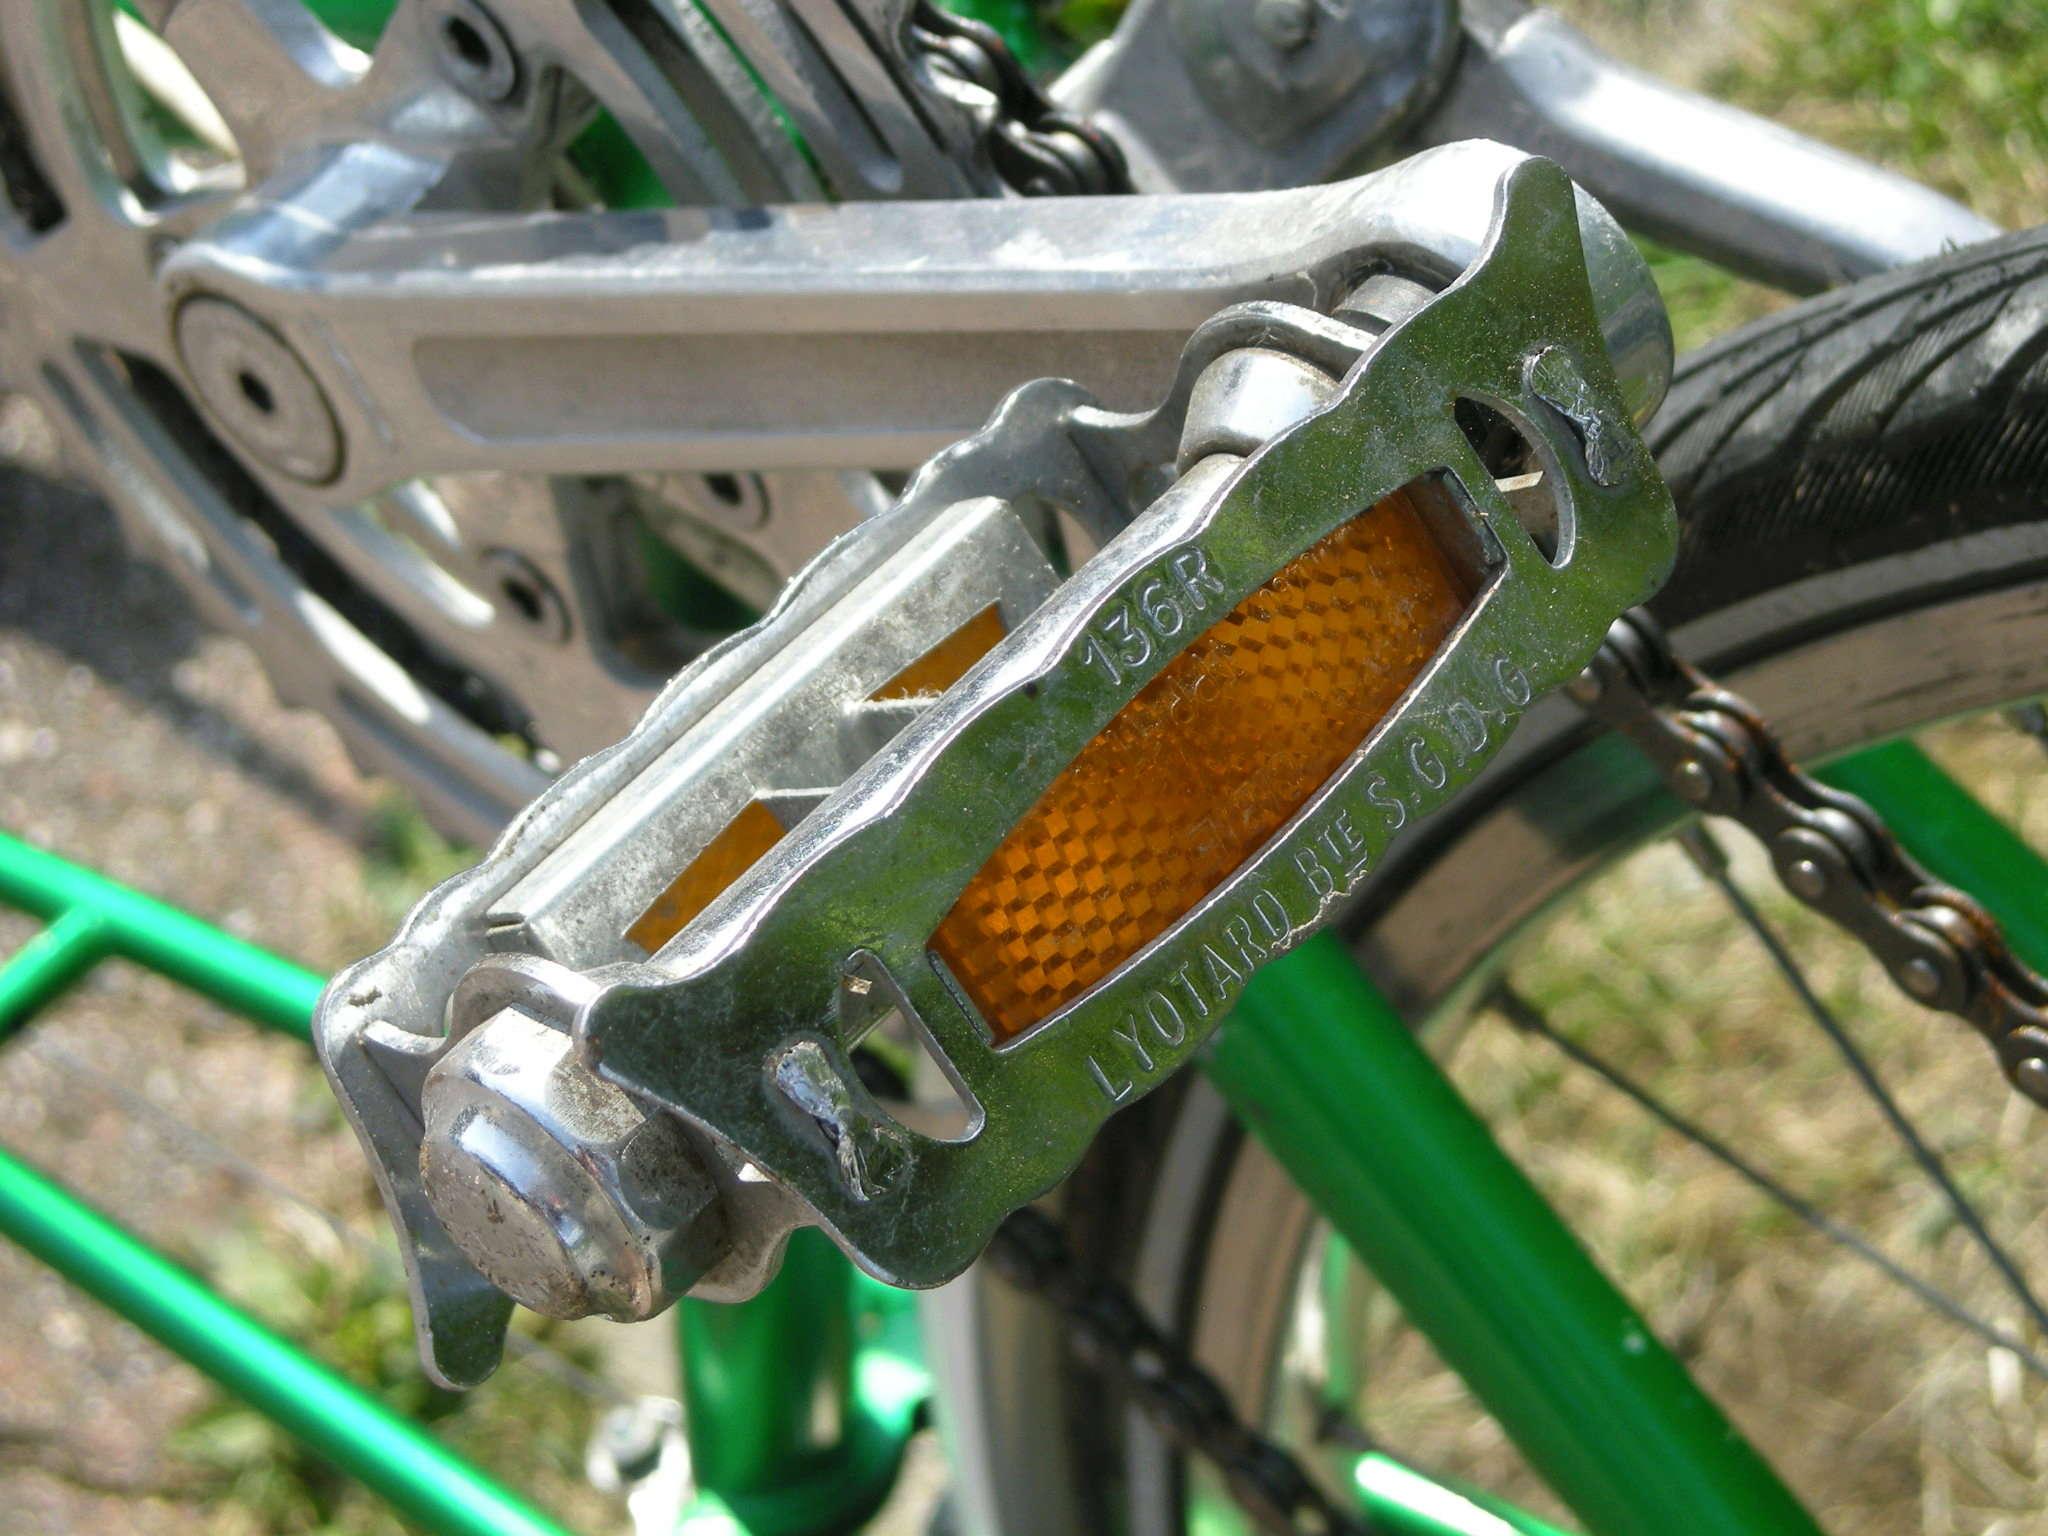 Mixte Cyclo Porrentruy Dscn6236